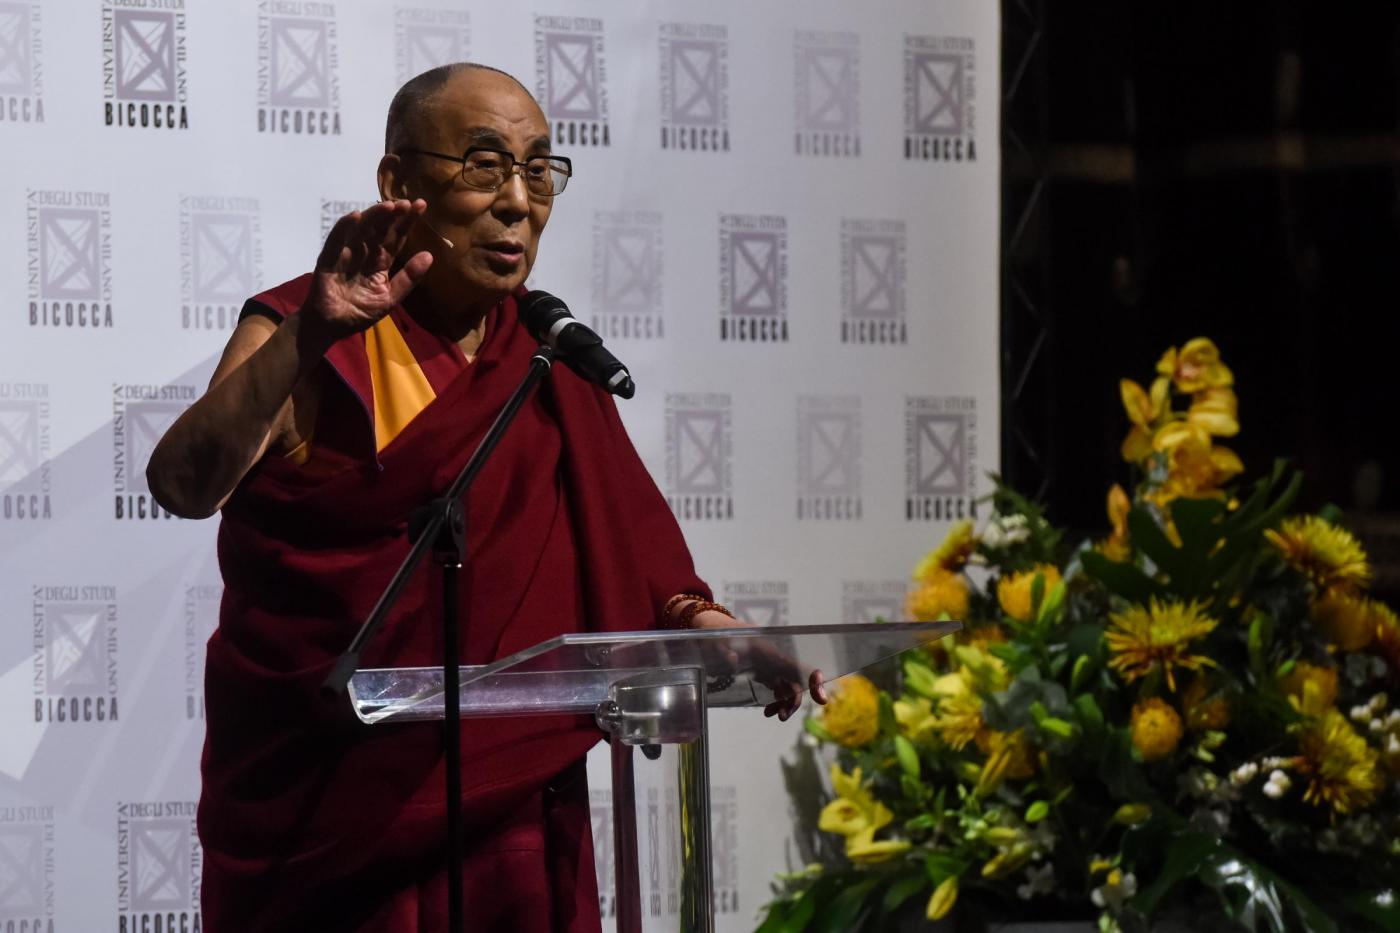 Incontro del Dalai Lama con gli studenti della Bicocca a Milano